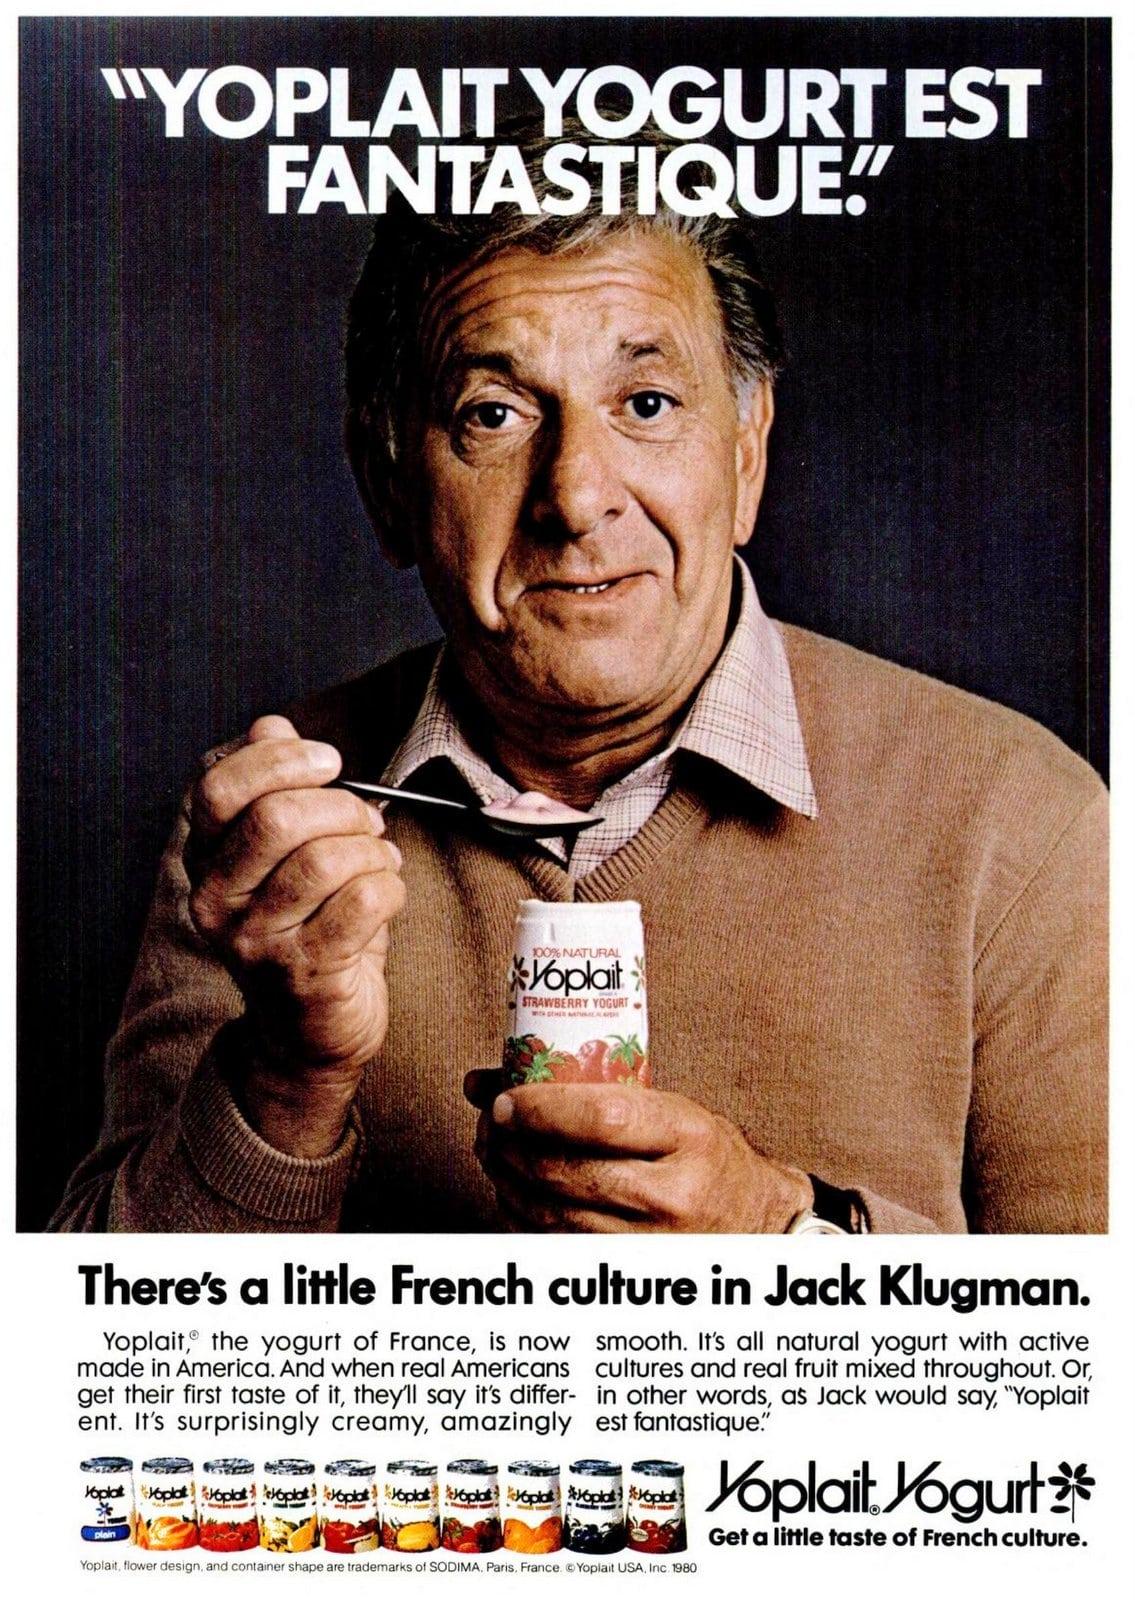 Jack Klugman vintage ad for Yoplait Yogurt (1981)